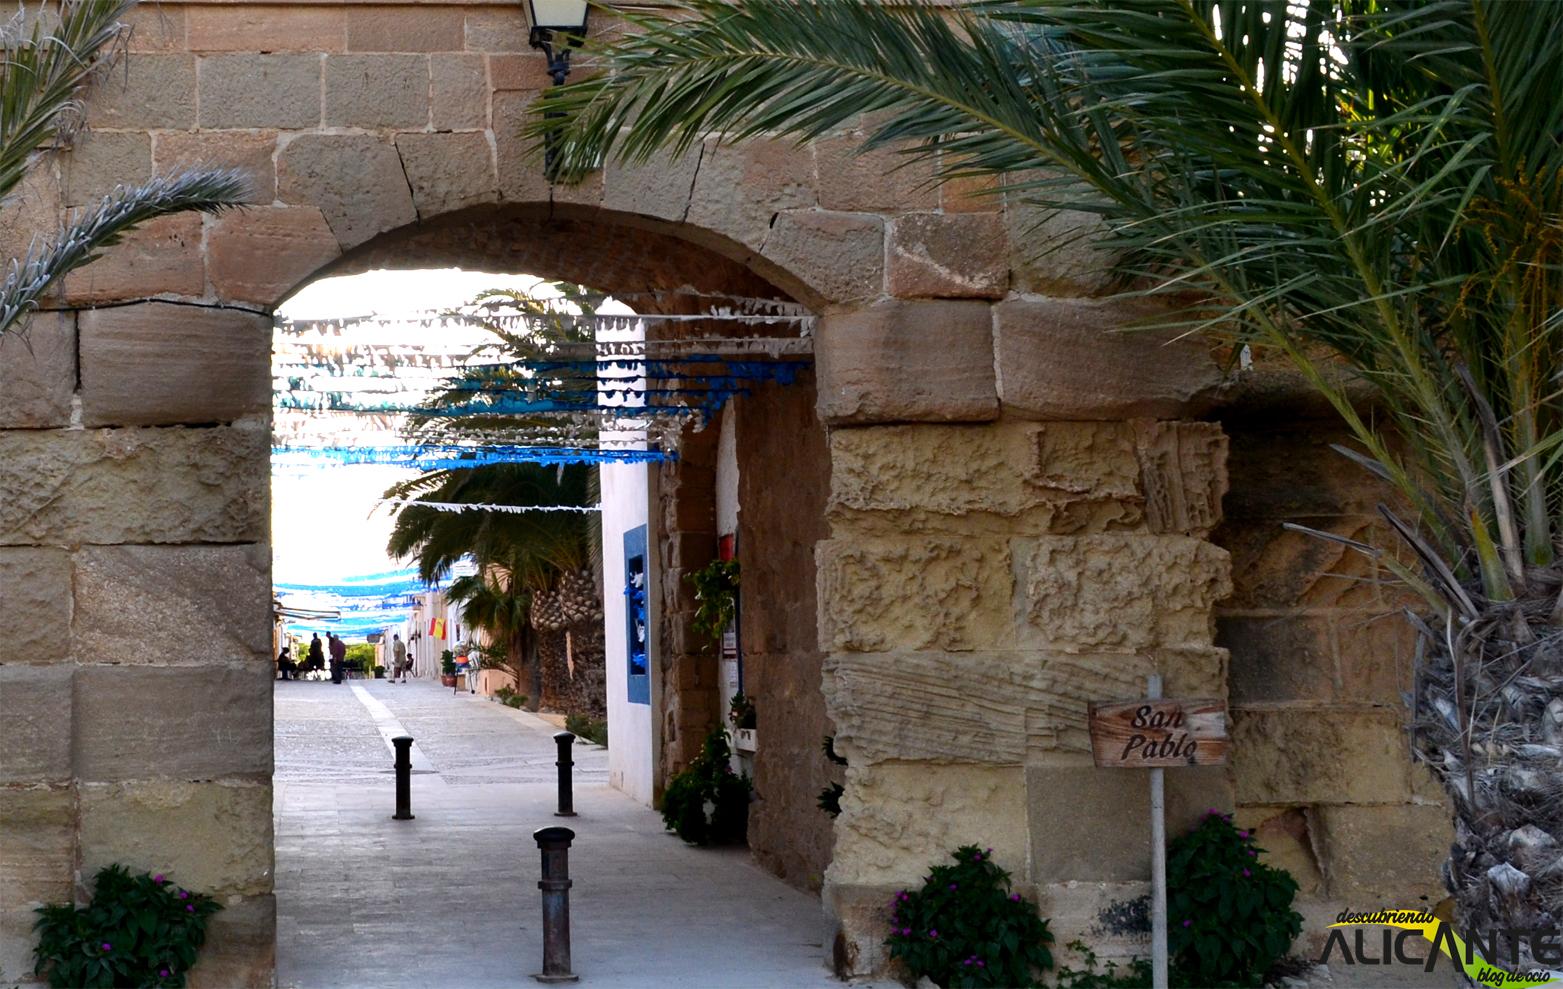 puerta-de-acceso-en-la-muralla-al-pueblo-de-tabarca